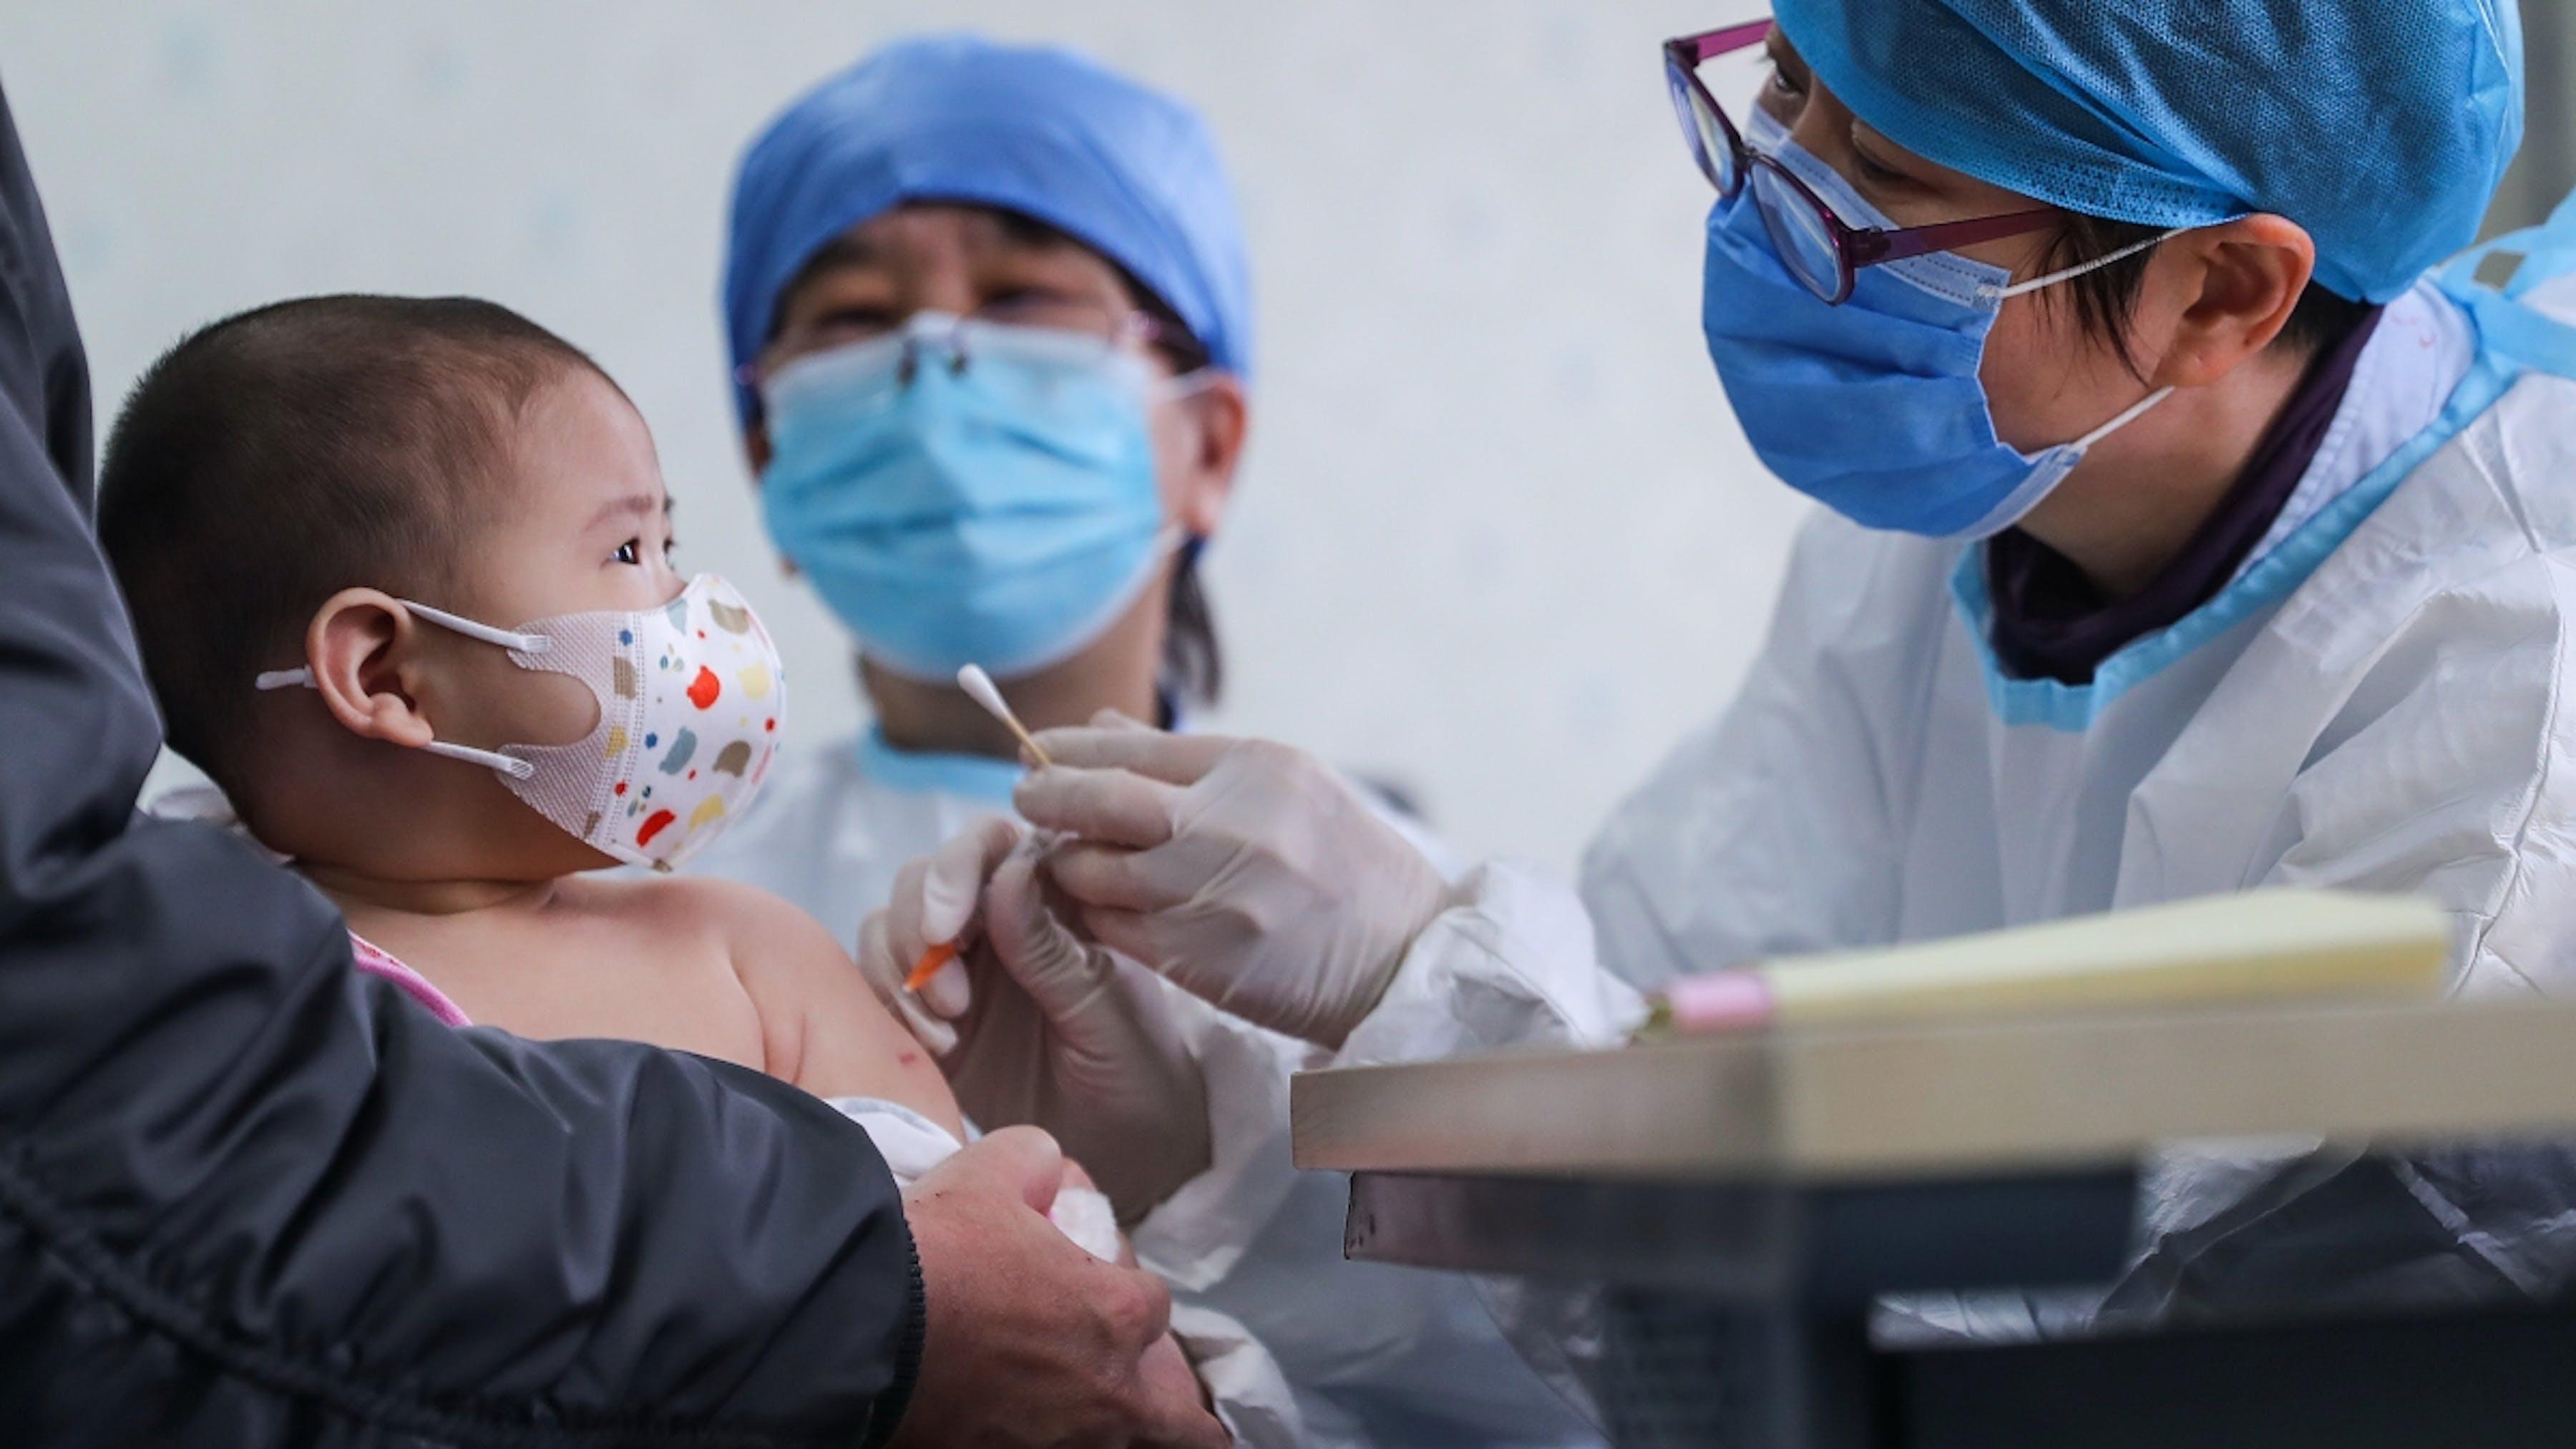 Cina, un bambino di 6 mesi riceve un vaccino in un centro sanitario comunitario a Pechino